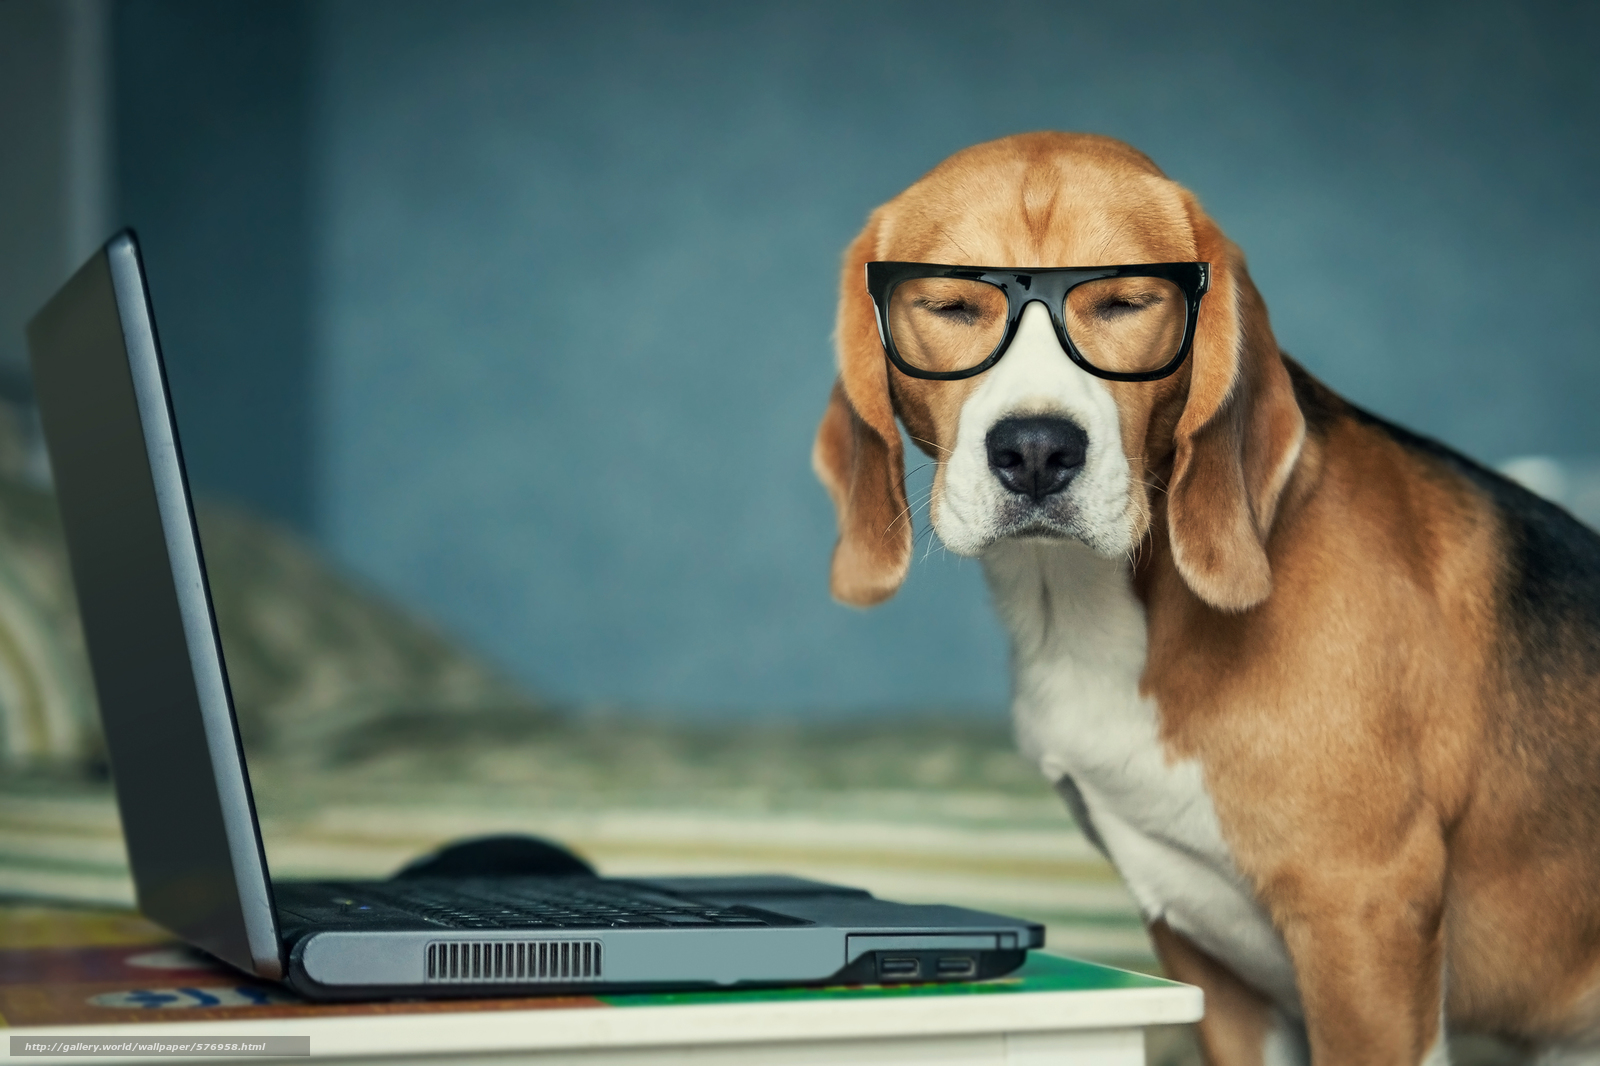 Скачать обои собака,  ноутбук,  очки бесплатно для рабочего стола в разрешении 6020x4012 — картинка №576958